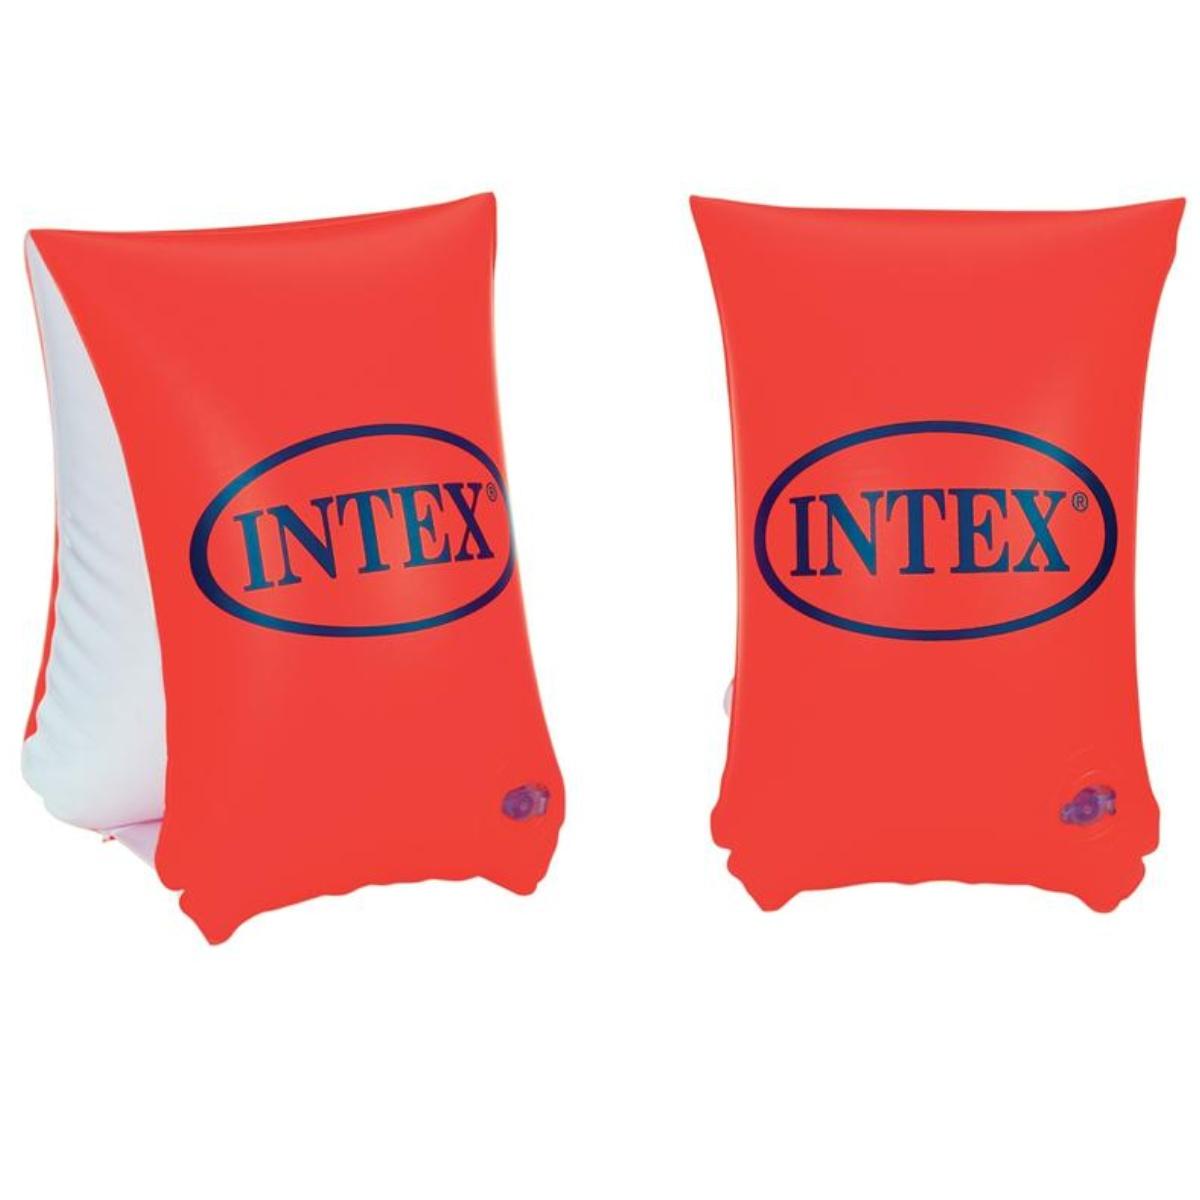 Nafukovací rukávky INTEX 23x15 cm